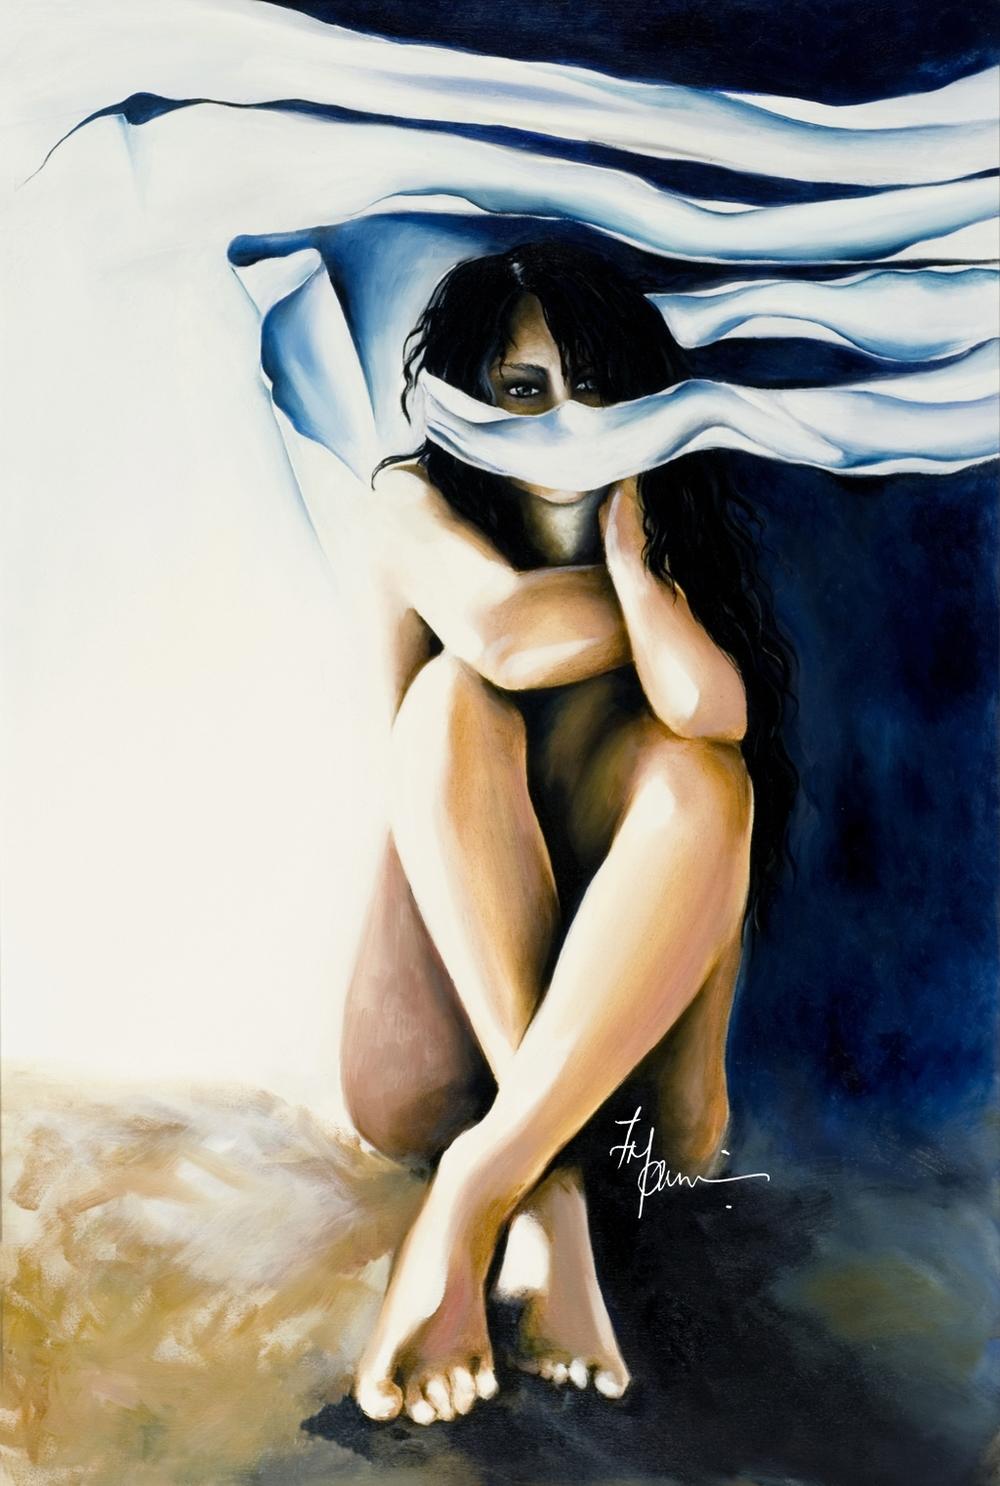 Naked veil